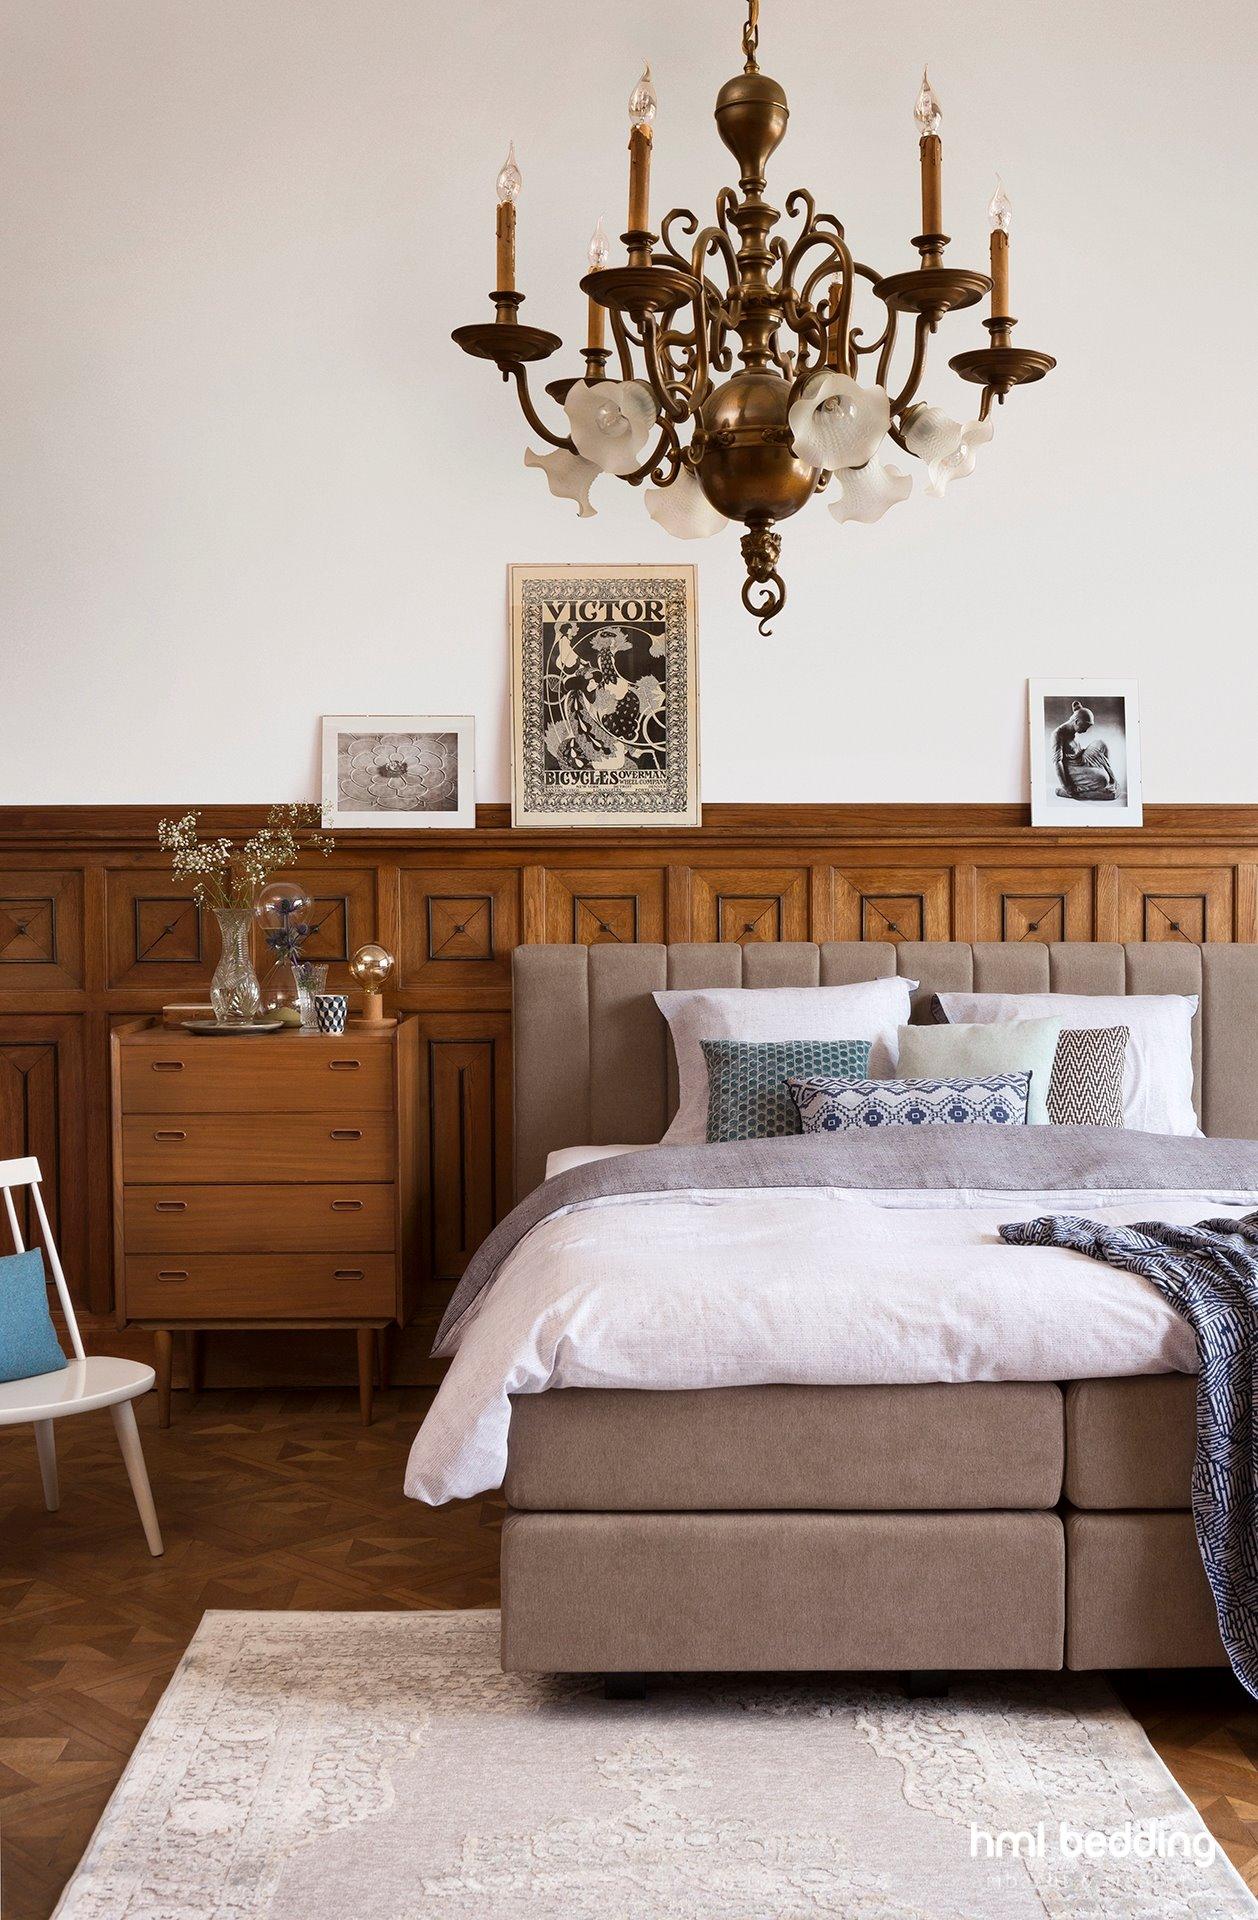 Klassieke stijl in de slaapkamer - Eigentijdse stijl slaapkamer ...